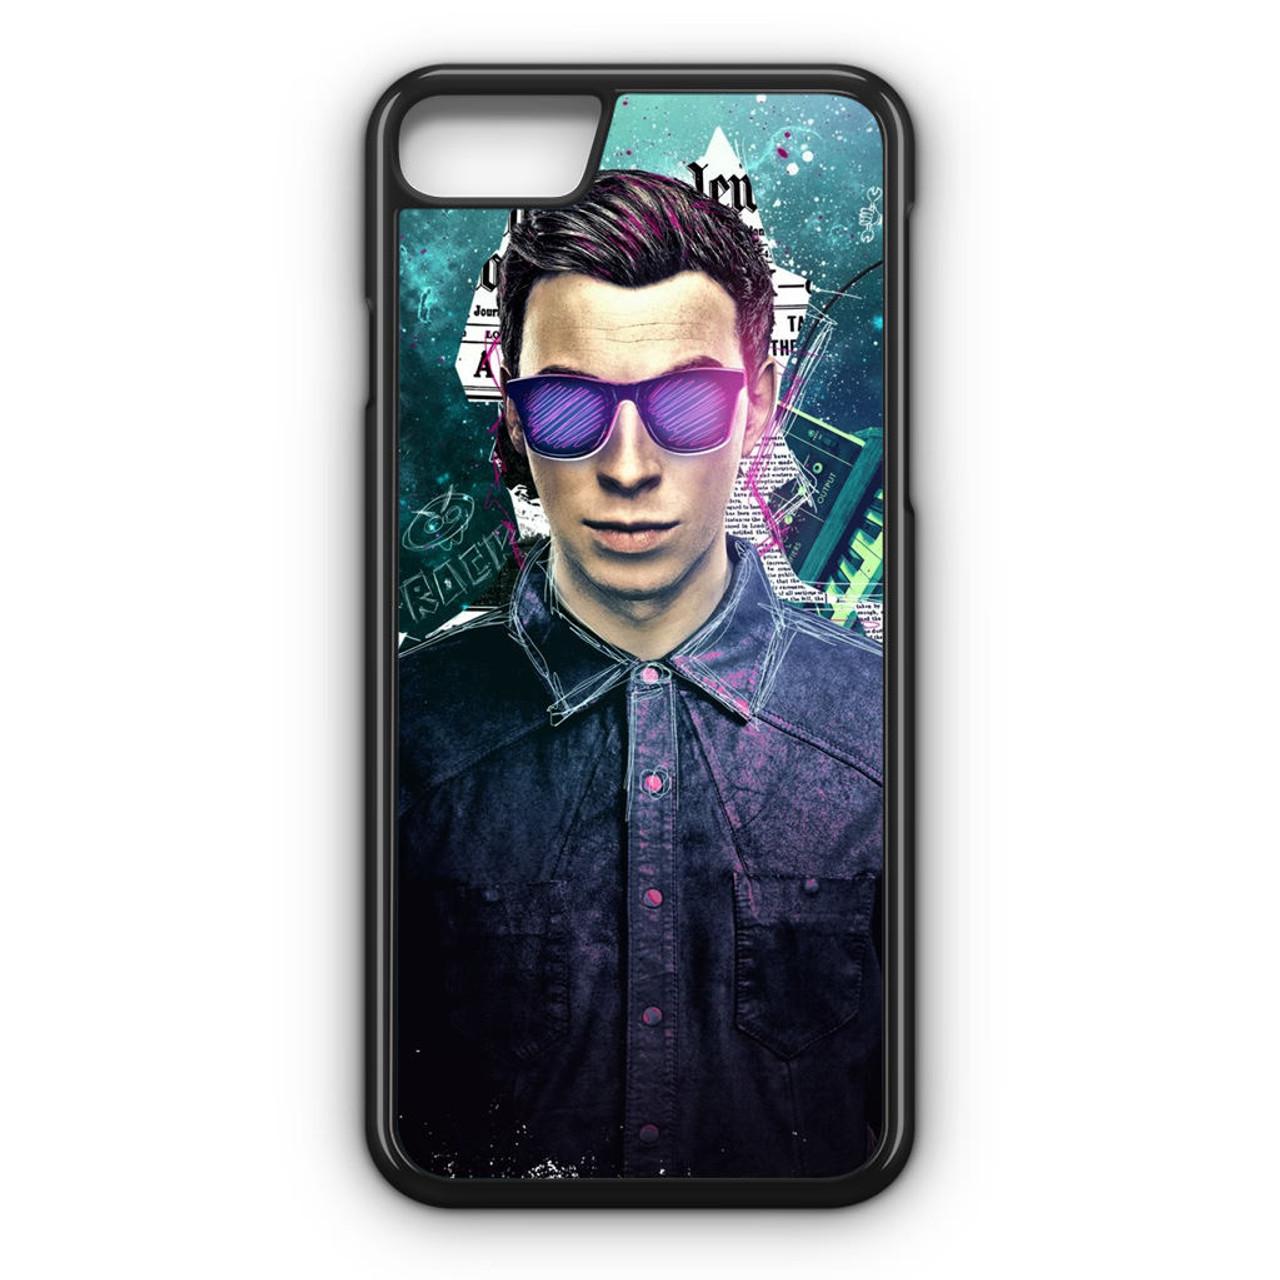 iphone 7 case music